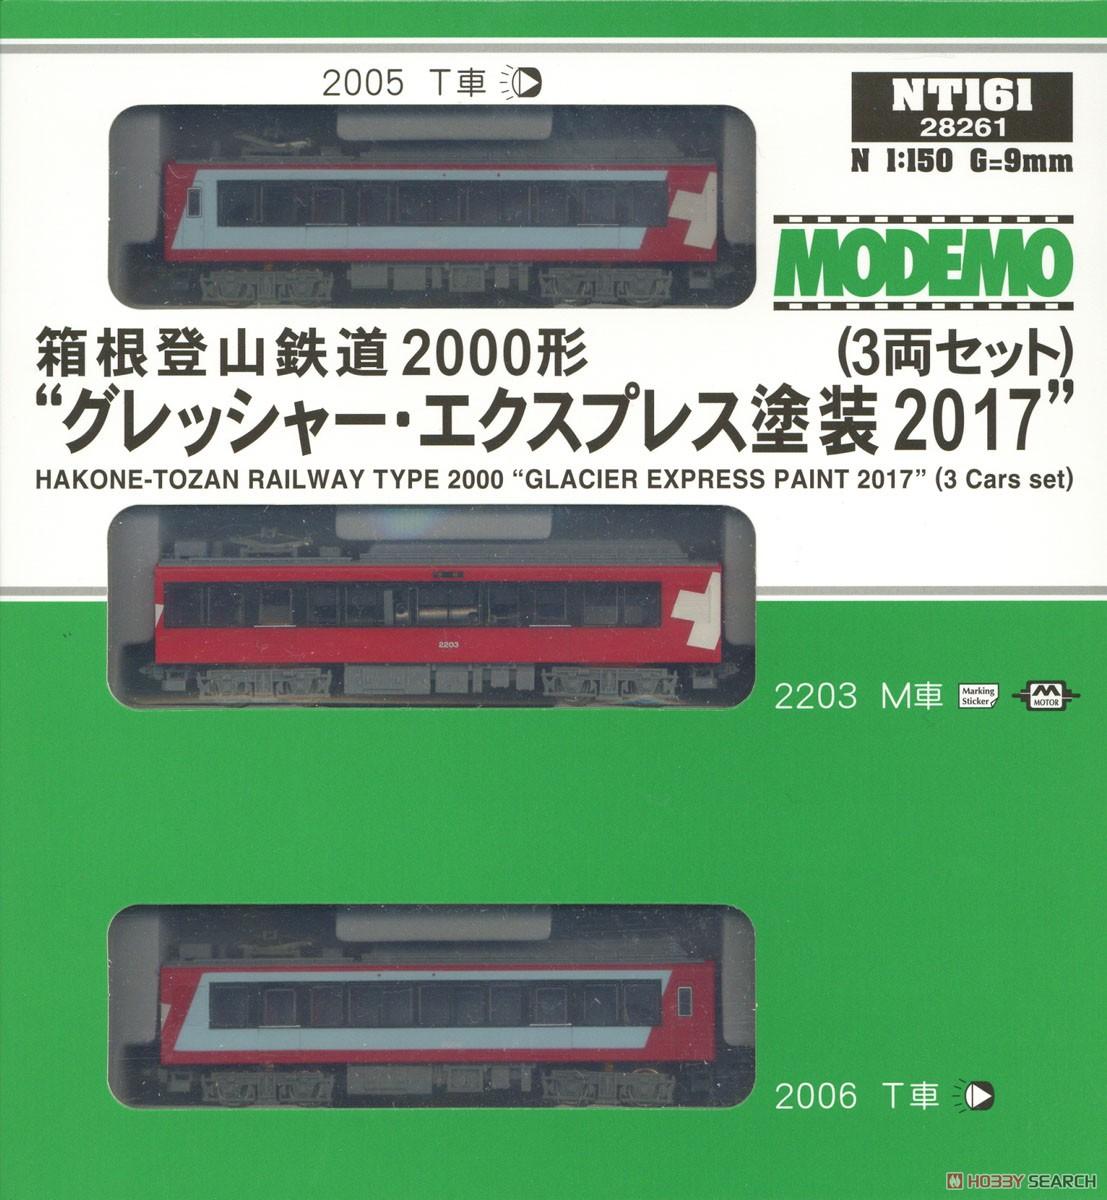 N Scale - Modemo - NT161 - Japanese Tram - Hakone Tozan Railway - 2005, 2006, 2203